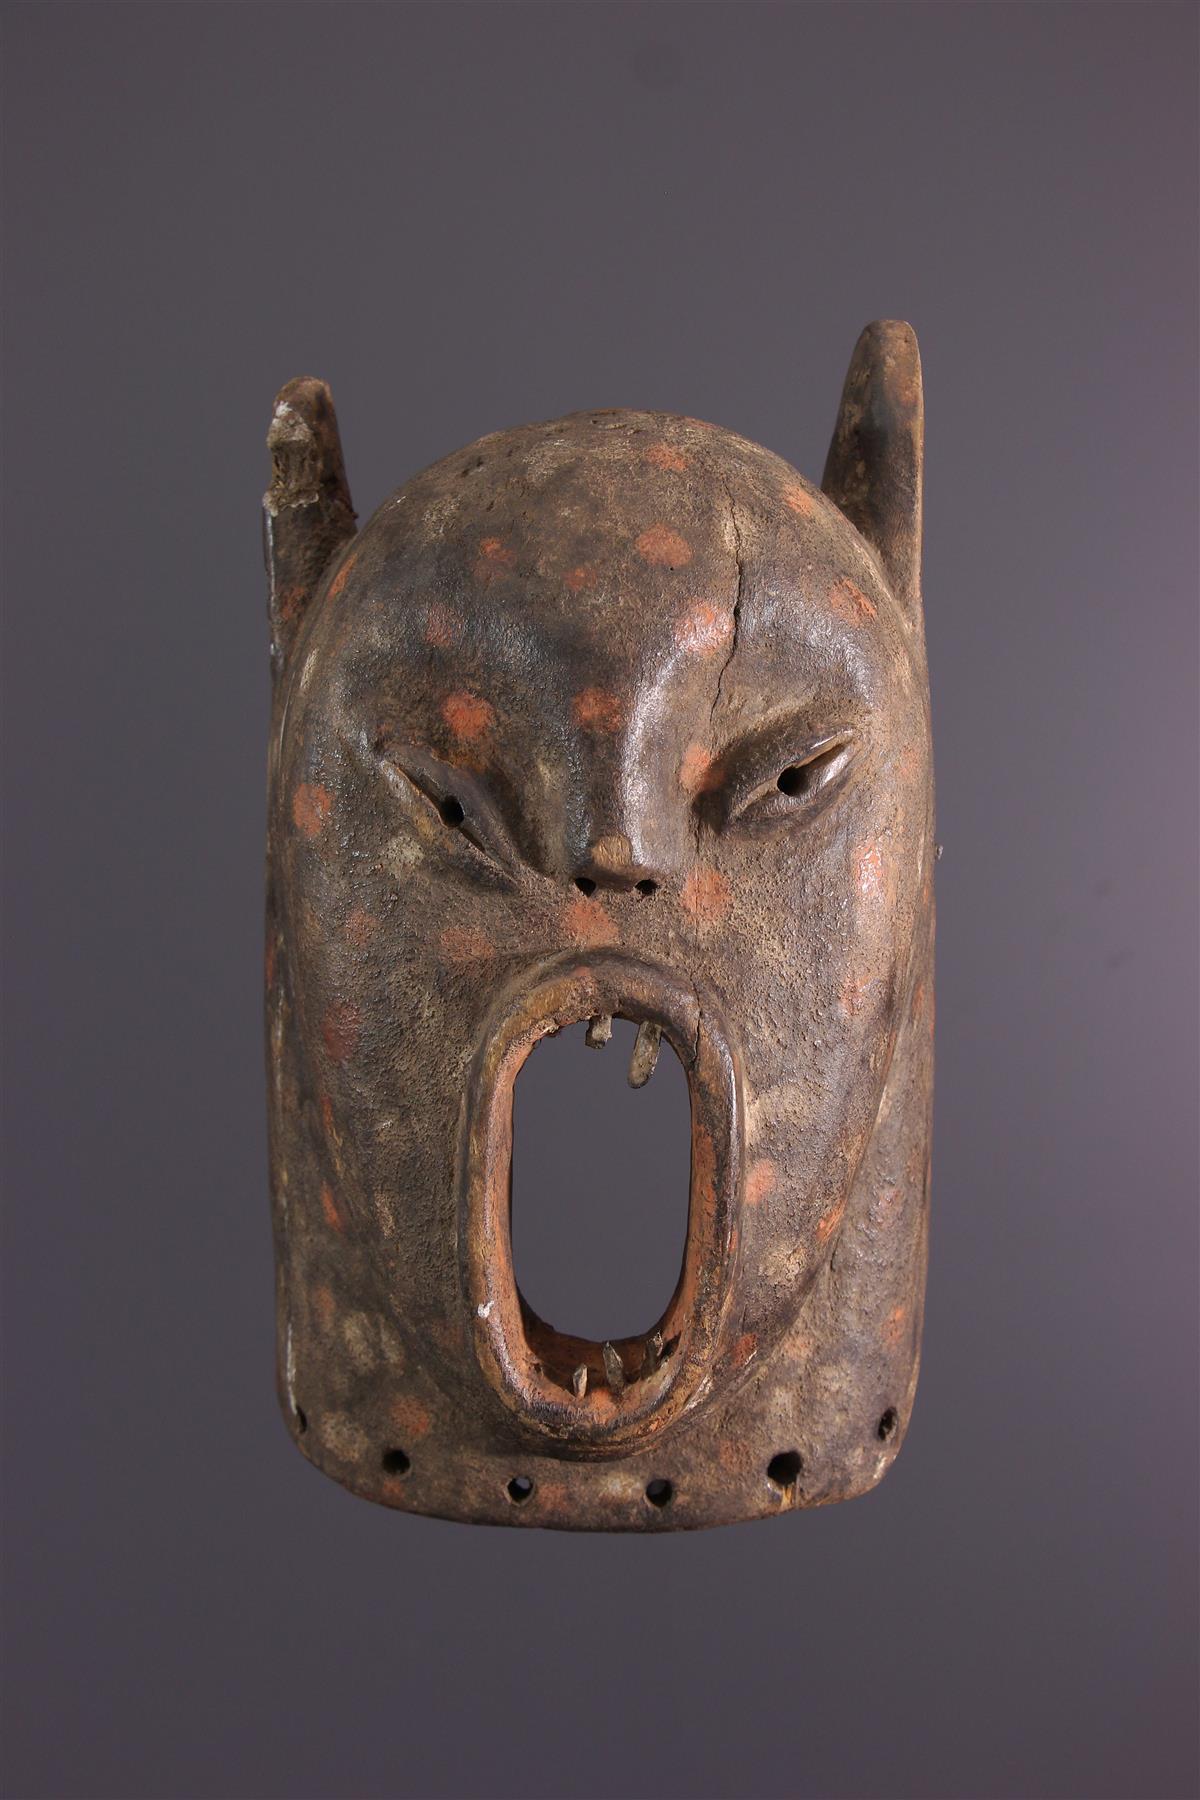 Masque Zela - African art